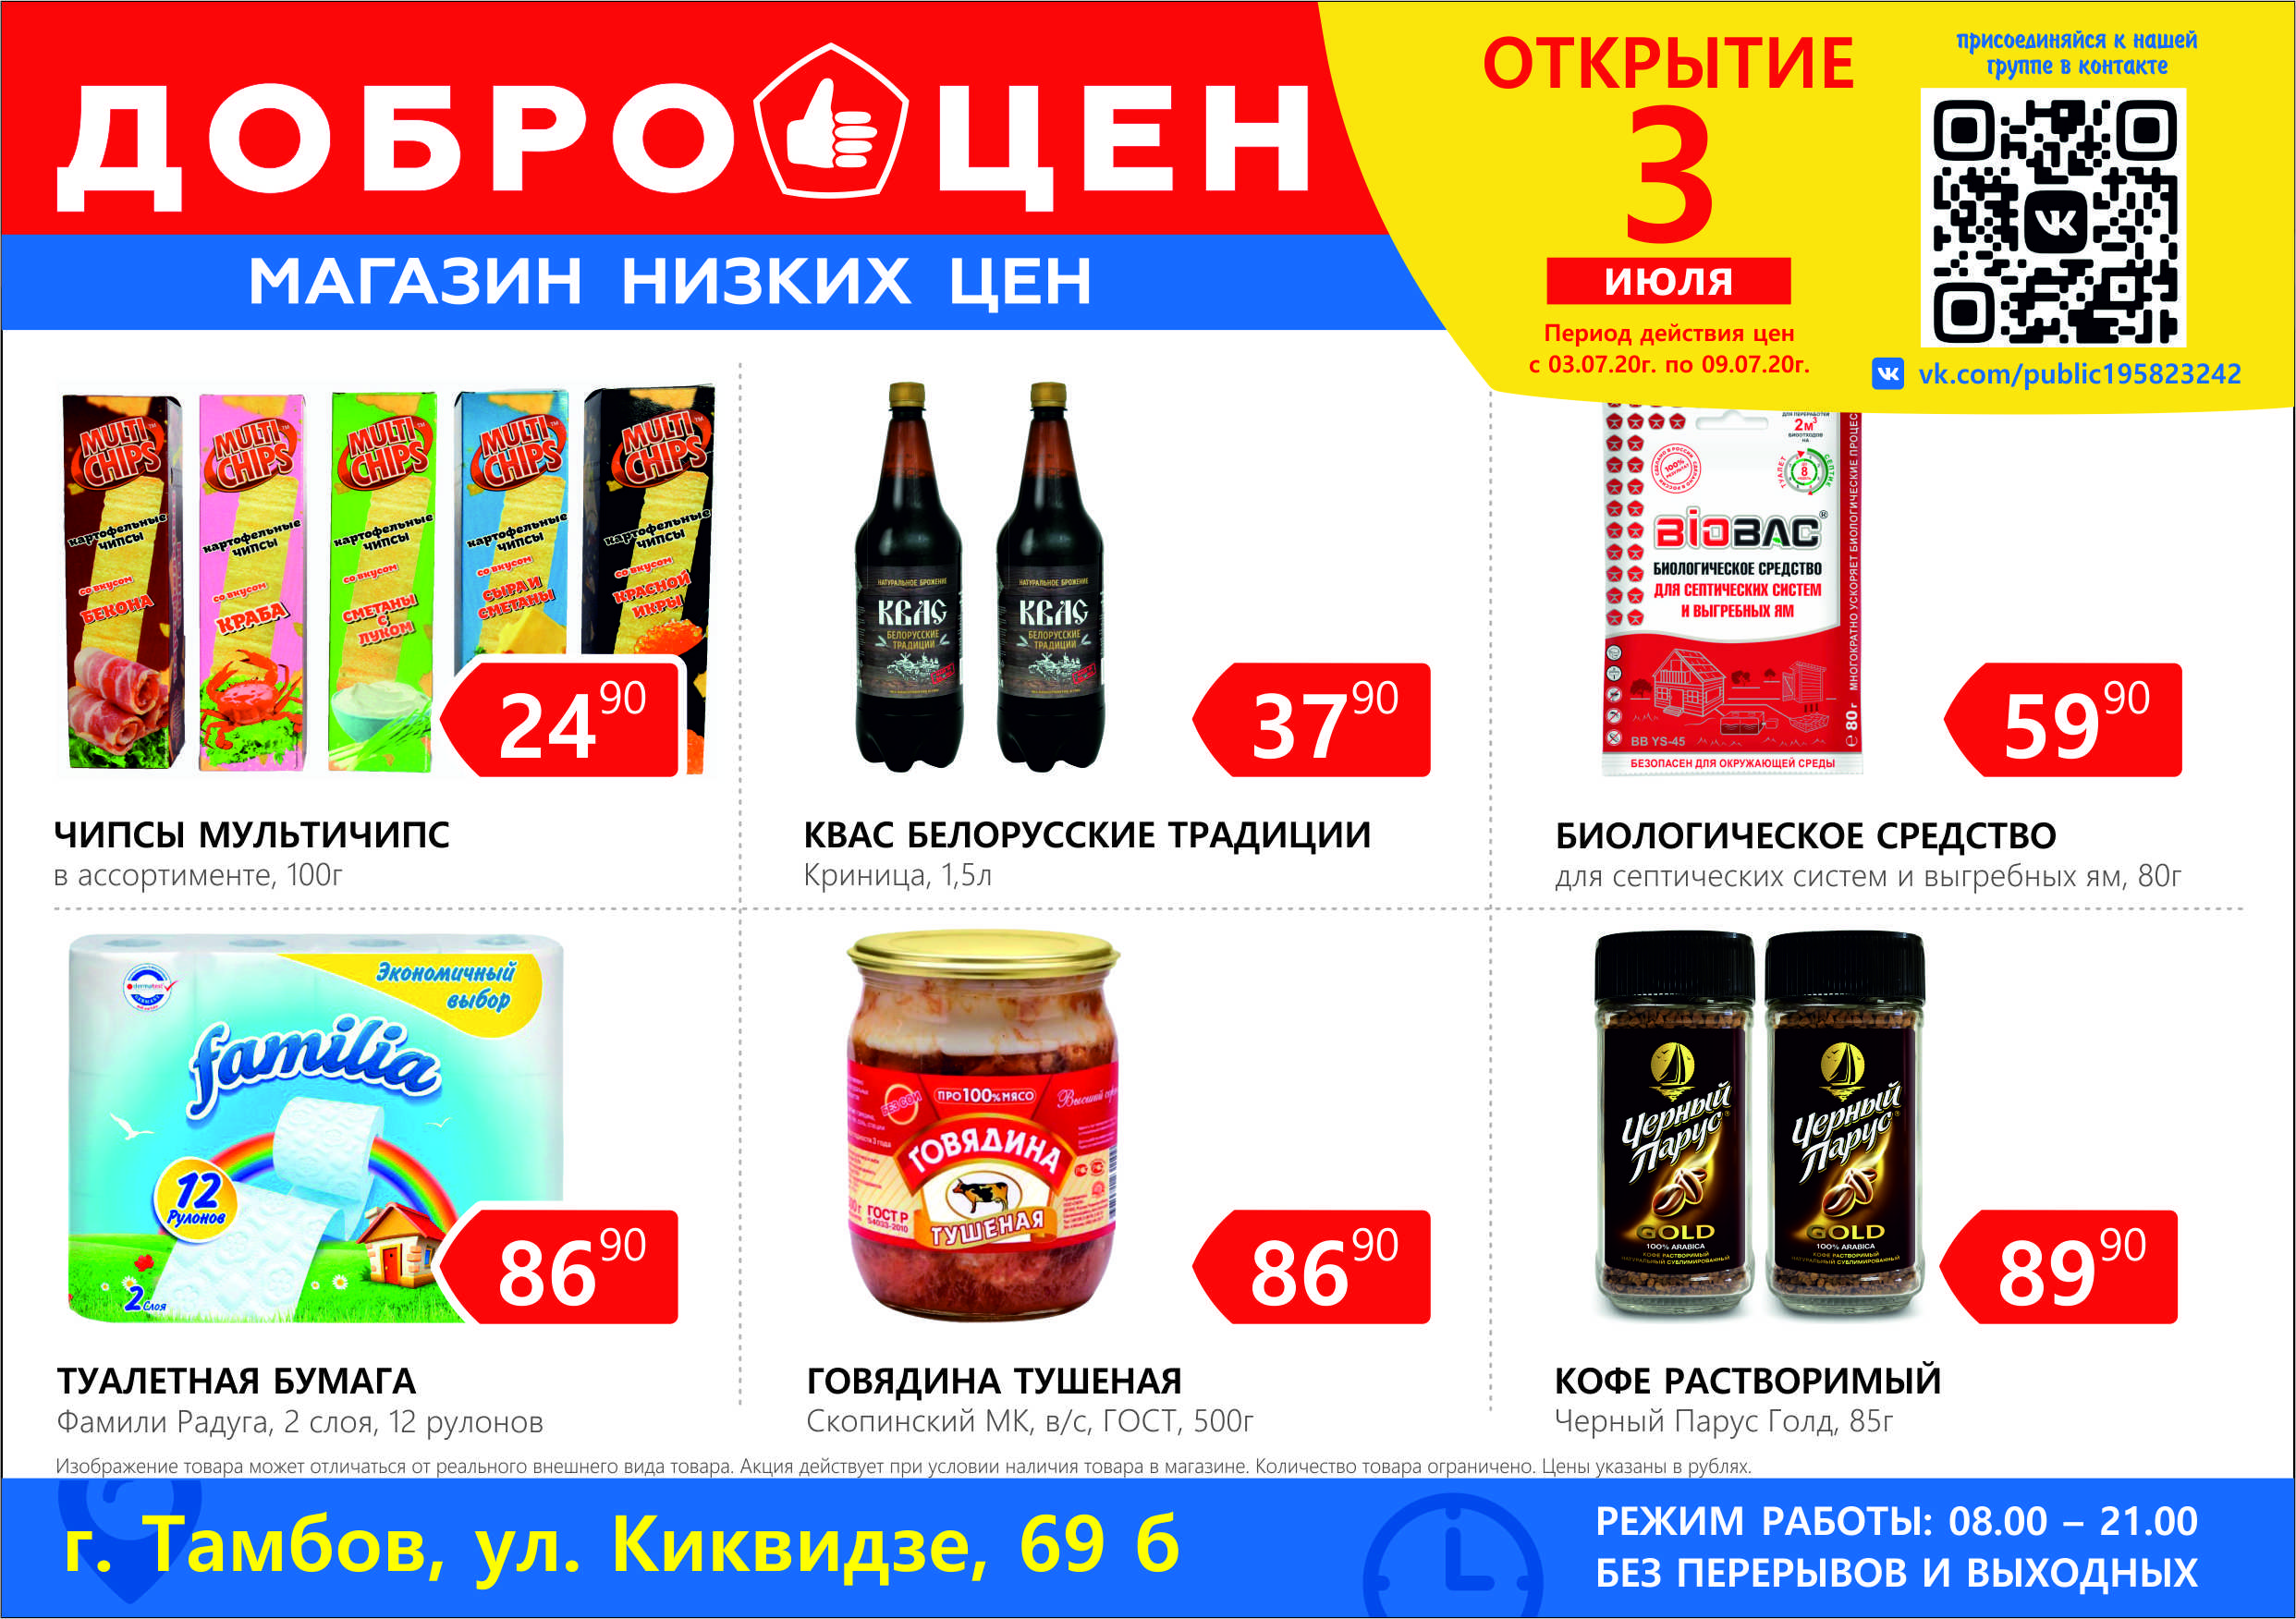 Белгород Интернет Магазин Низких Цен